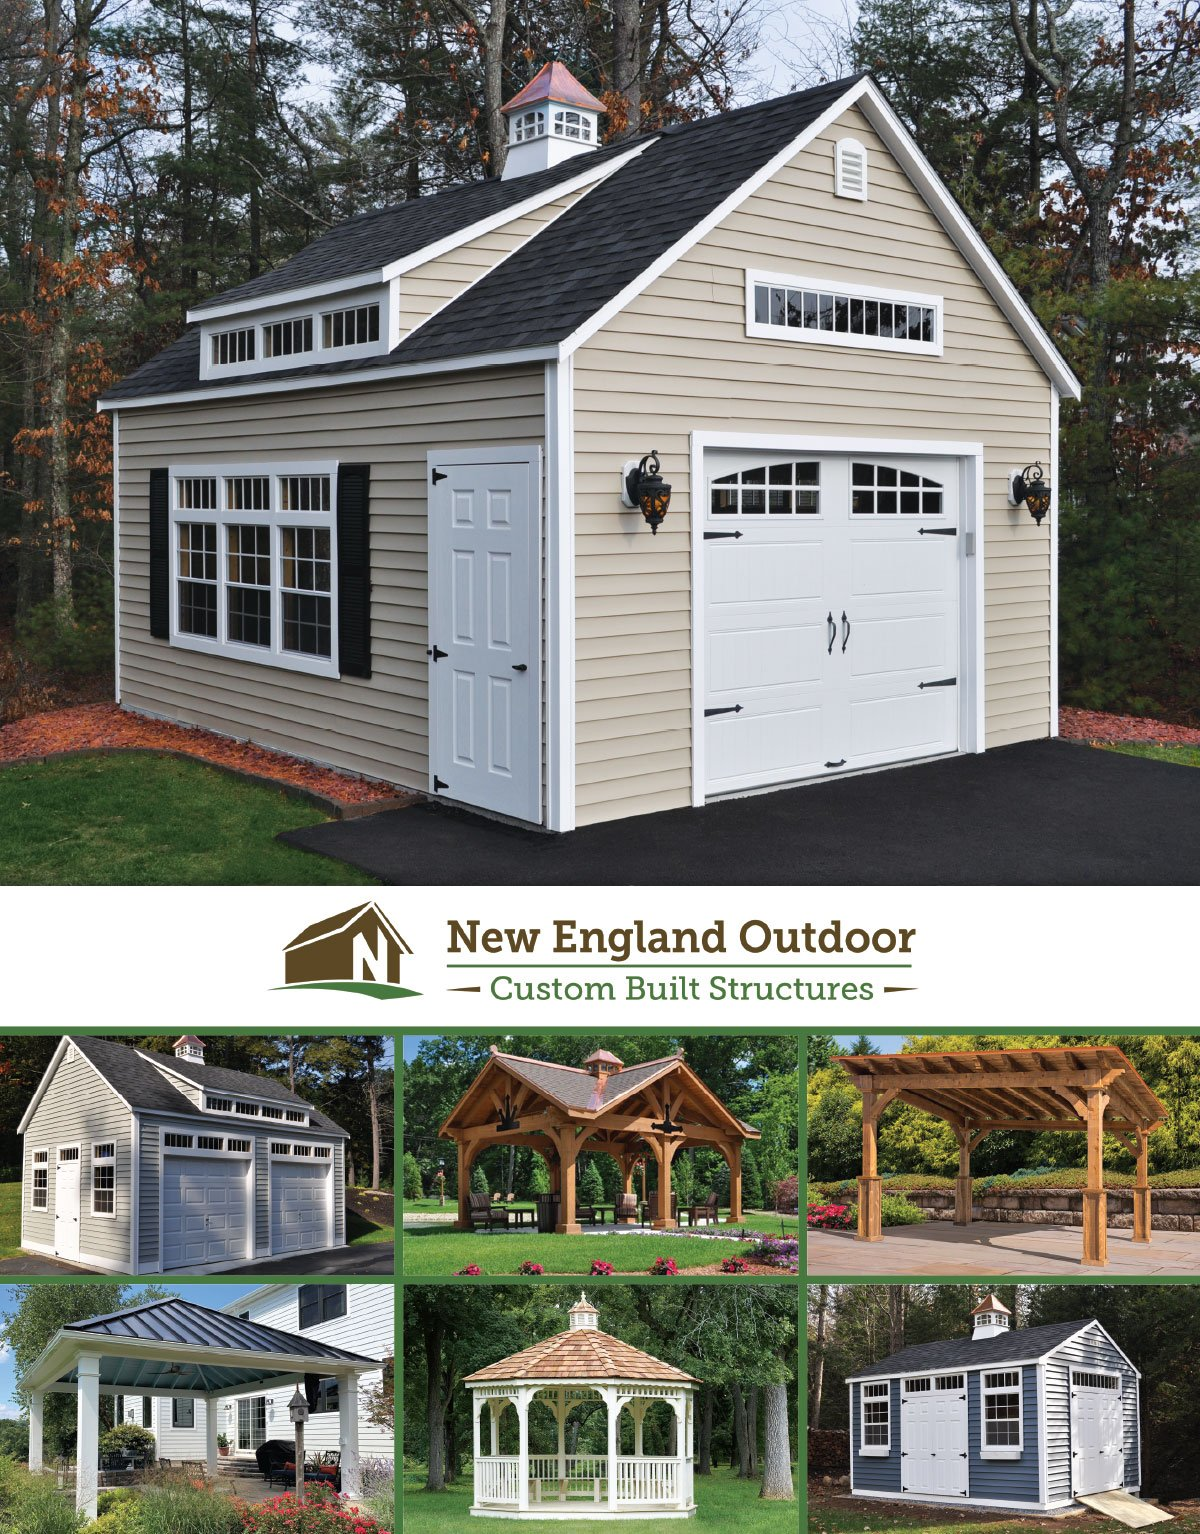 New England Outdoor Sheds Catalog